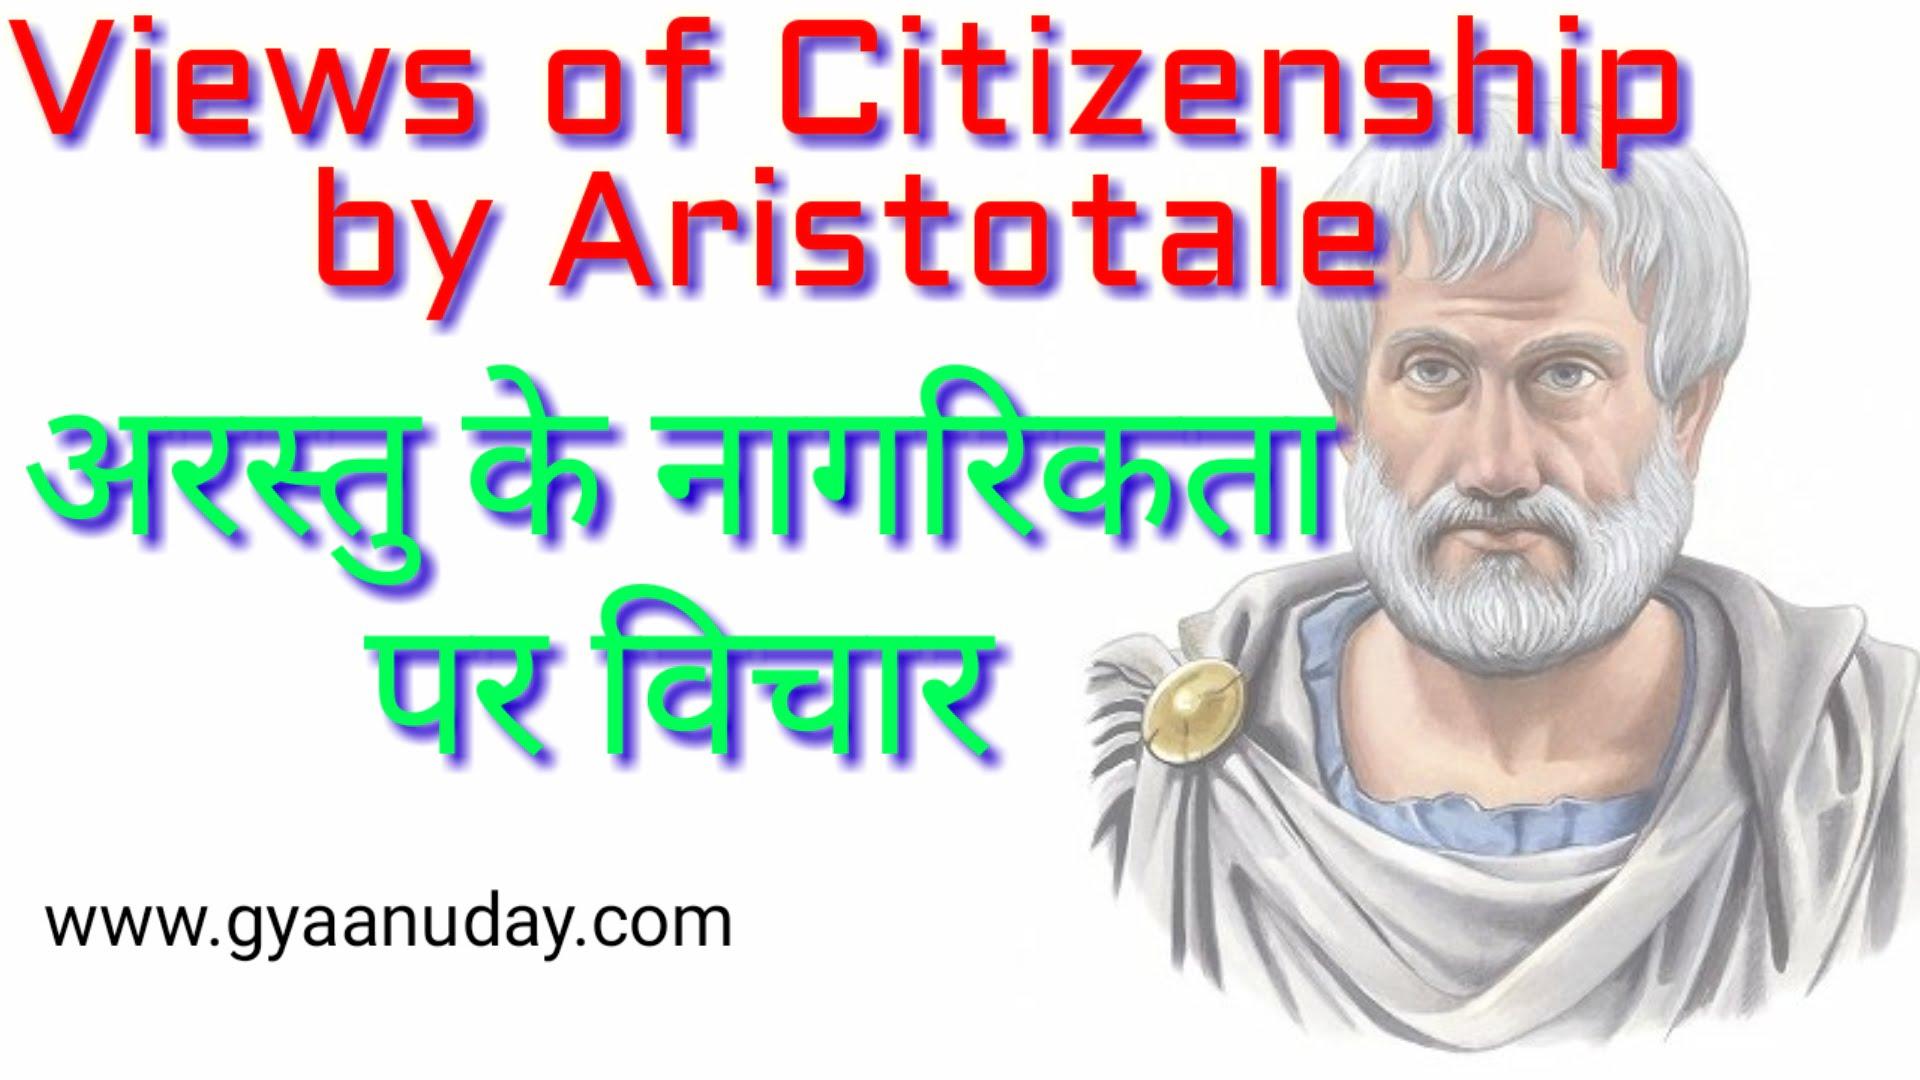 अरस्तु के नागरिकता पर विचार